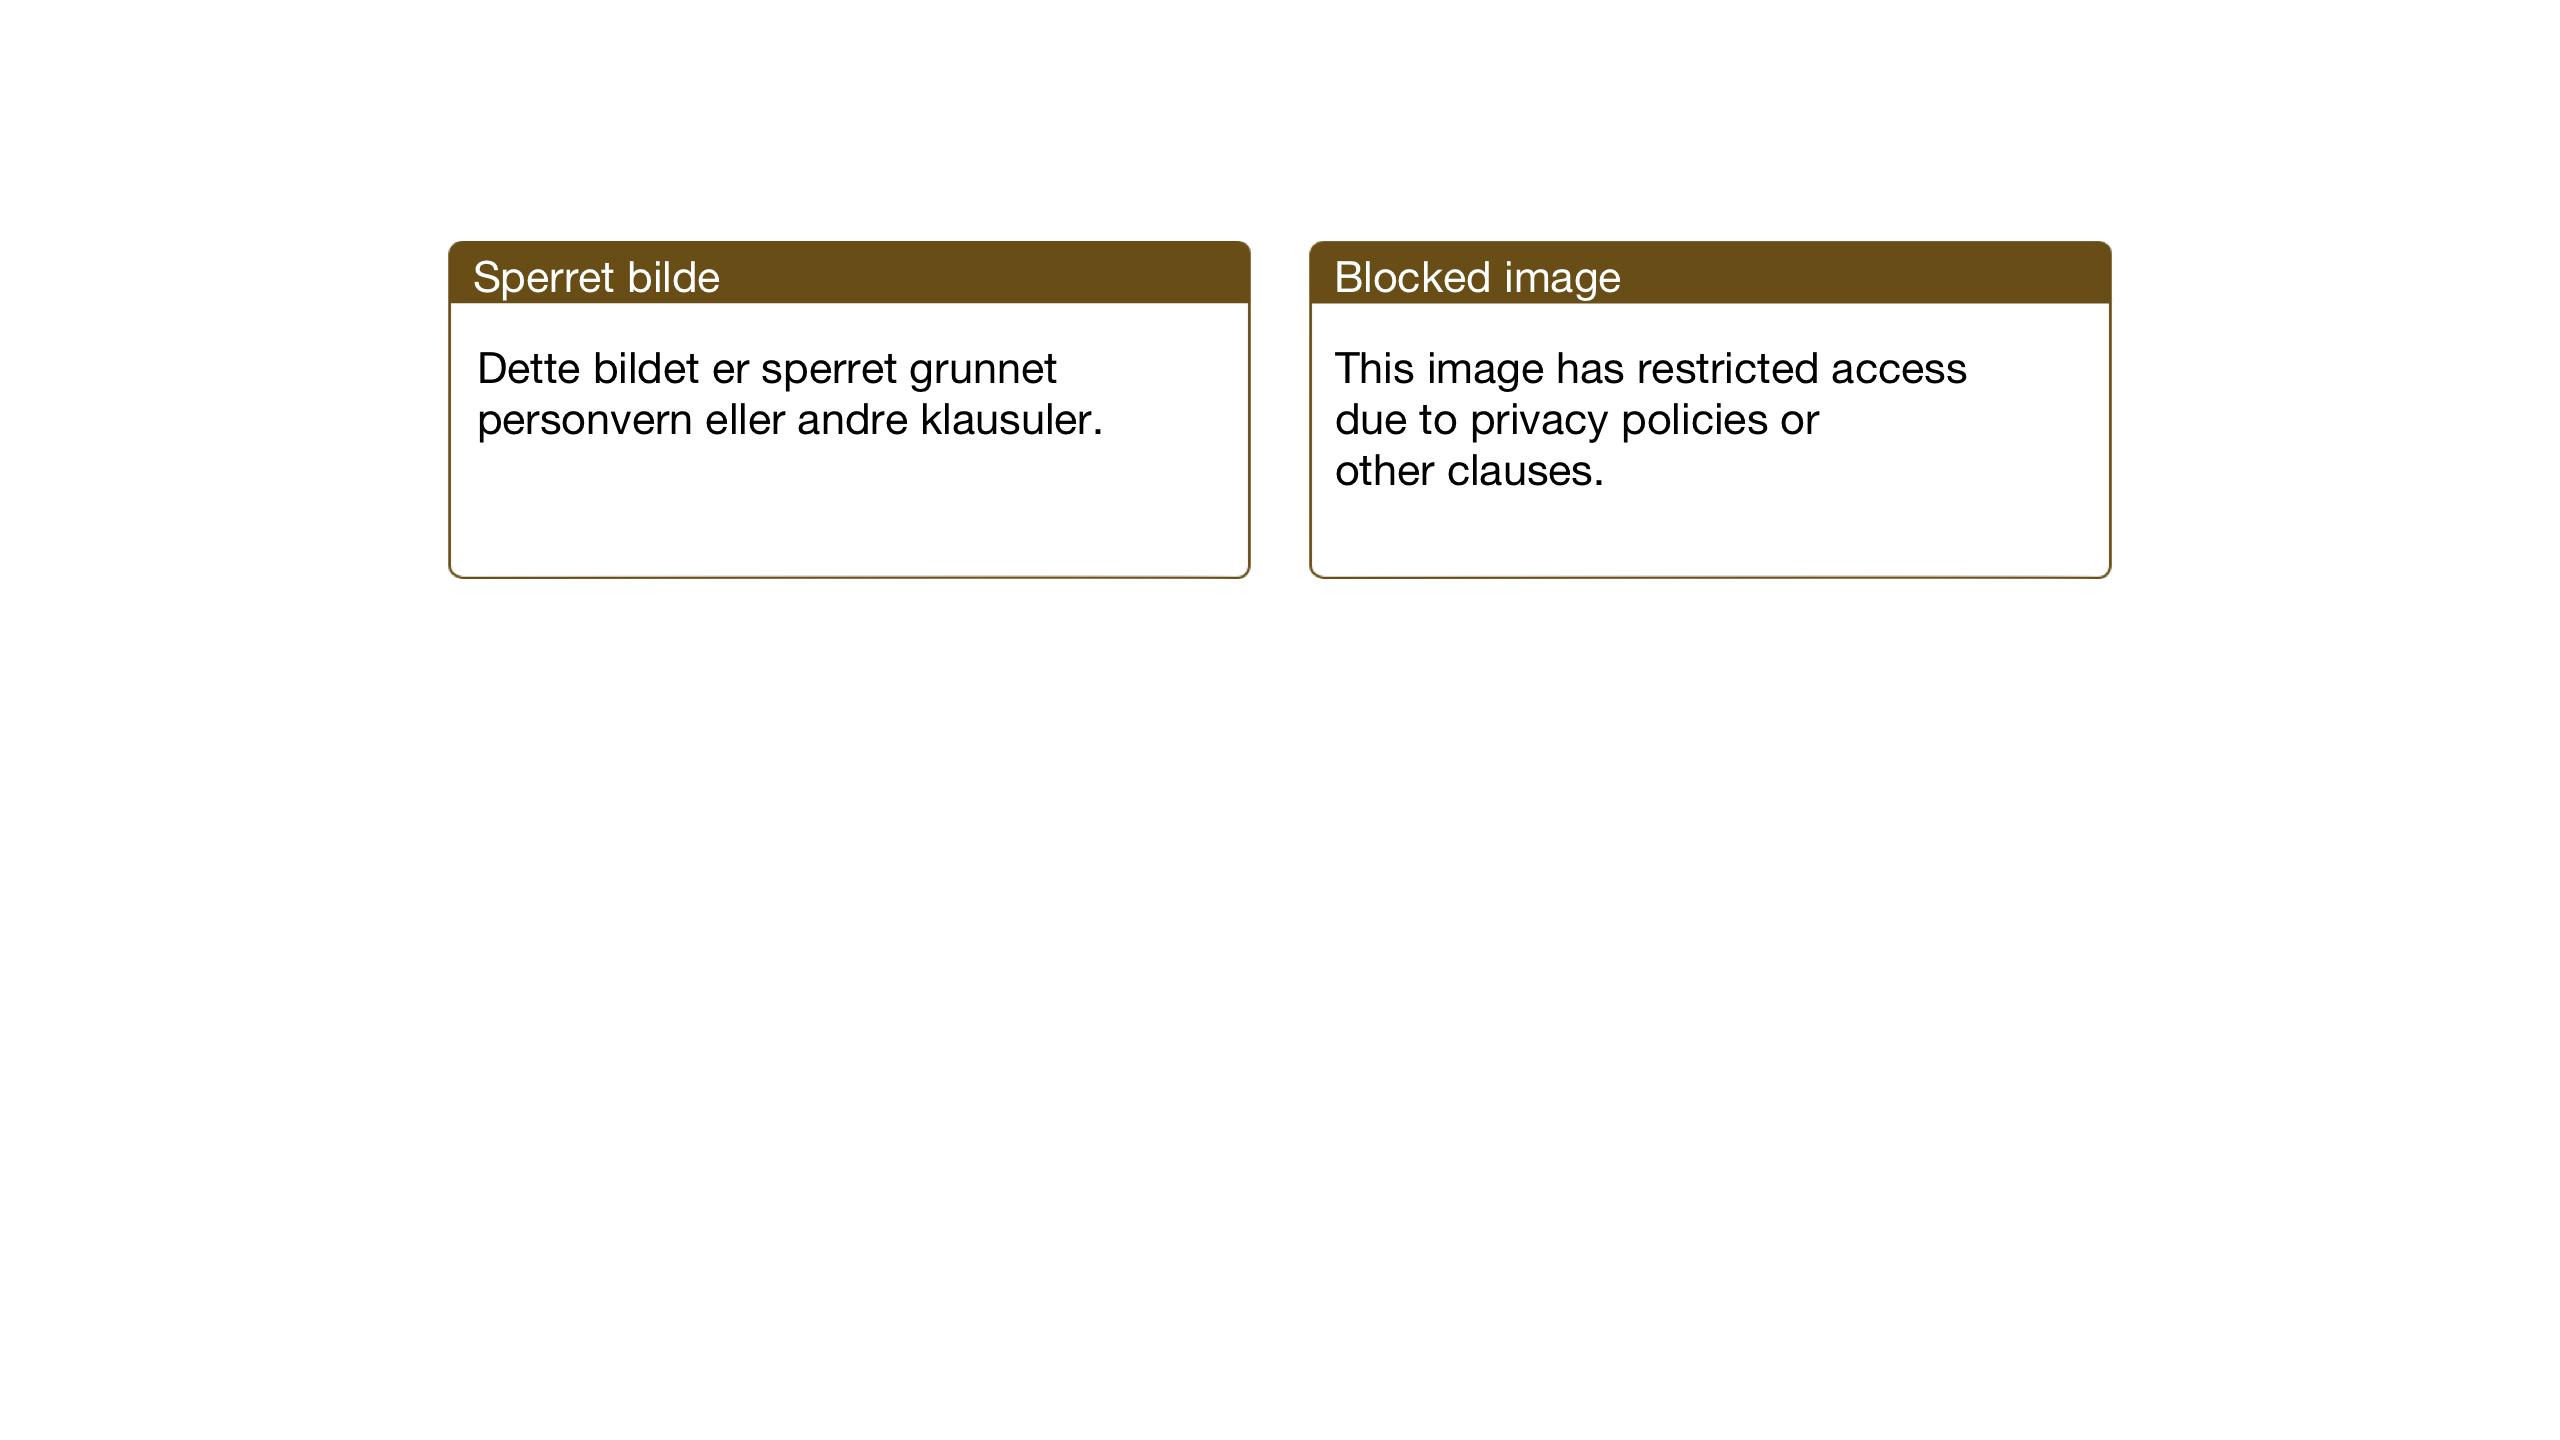 SAT, Ministerialprotokoller, klokkerbøker og fødselsregistre - Nord-Trøndelag, 739/L0377: Klokkerbok nr. 739C05, 1940-1947, s. 17